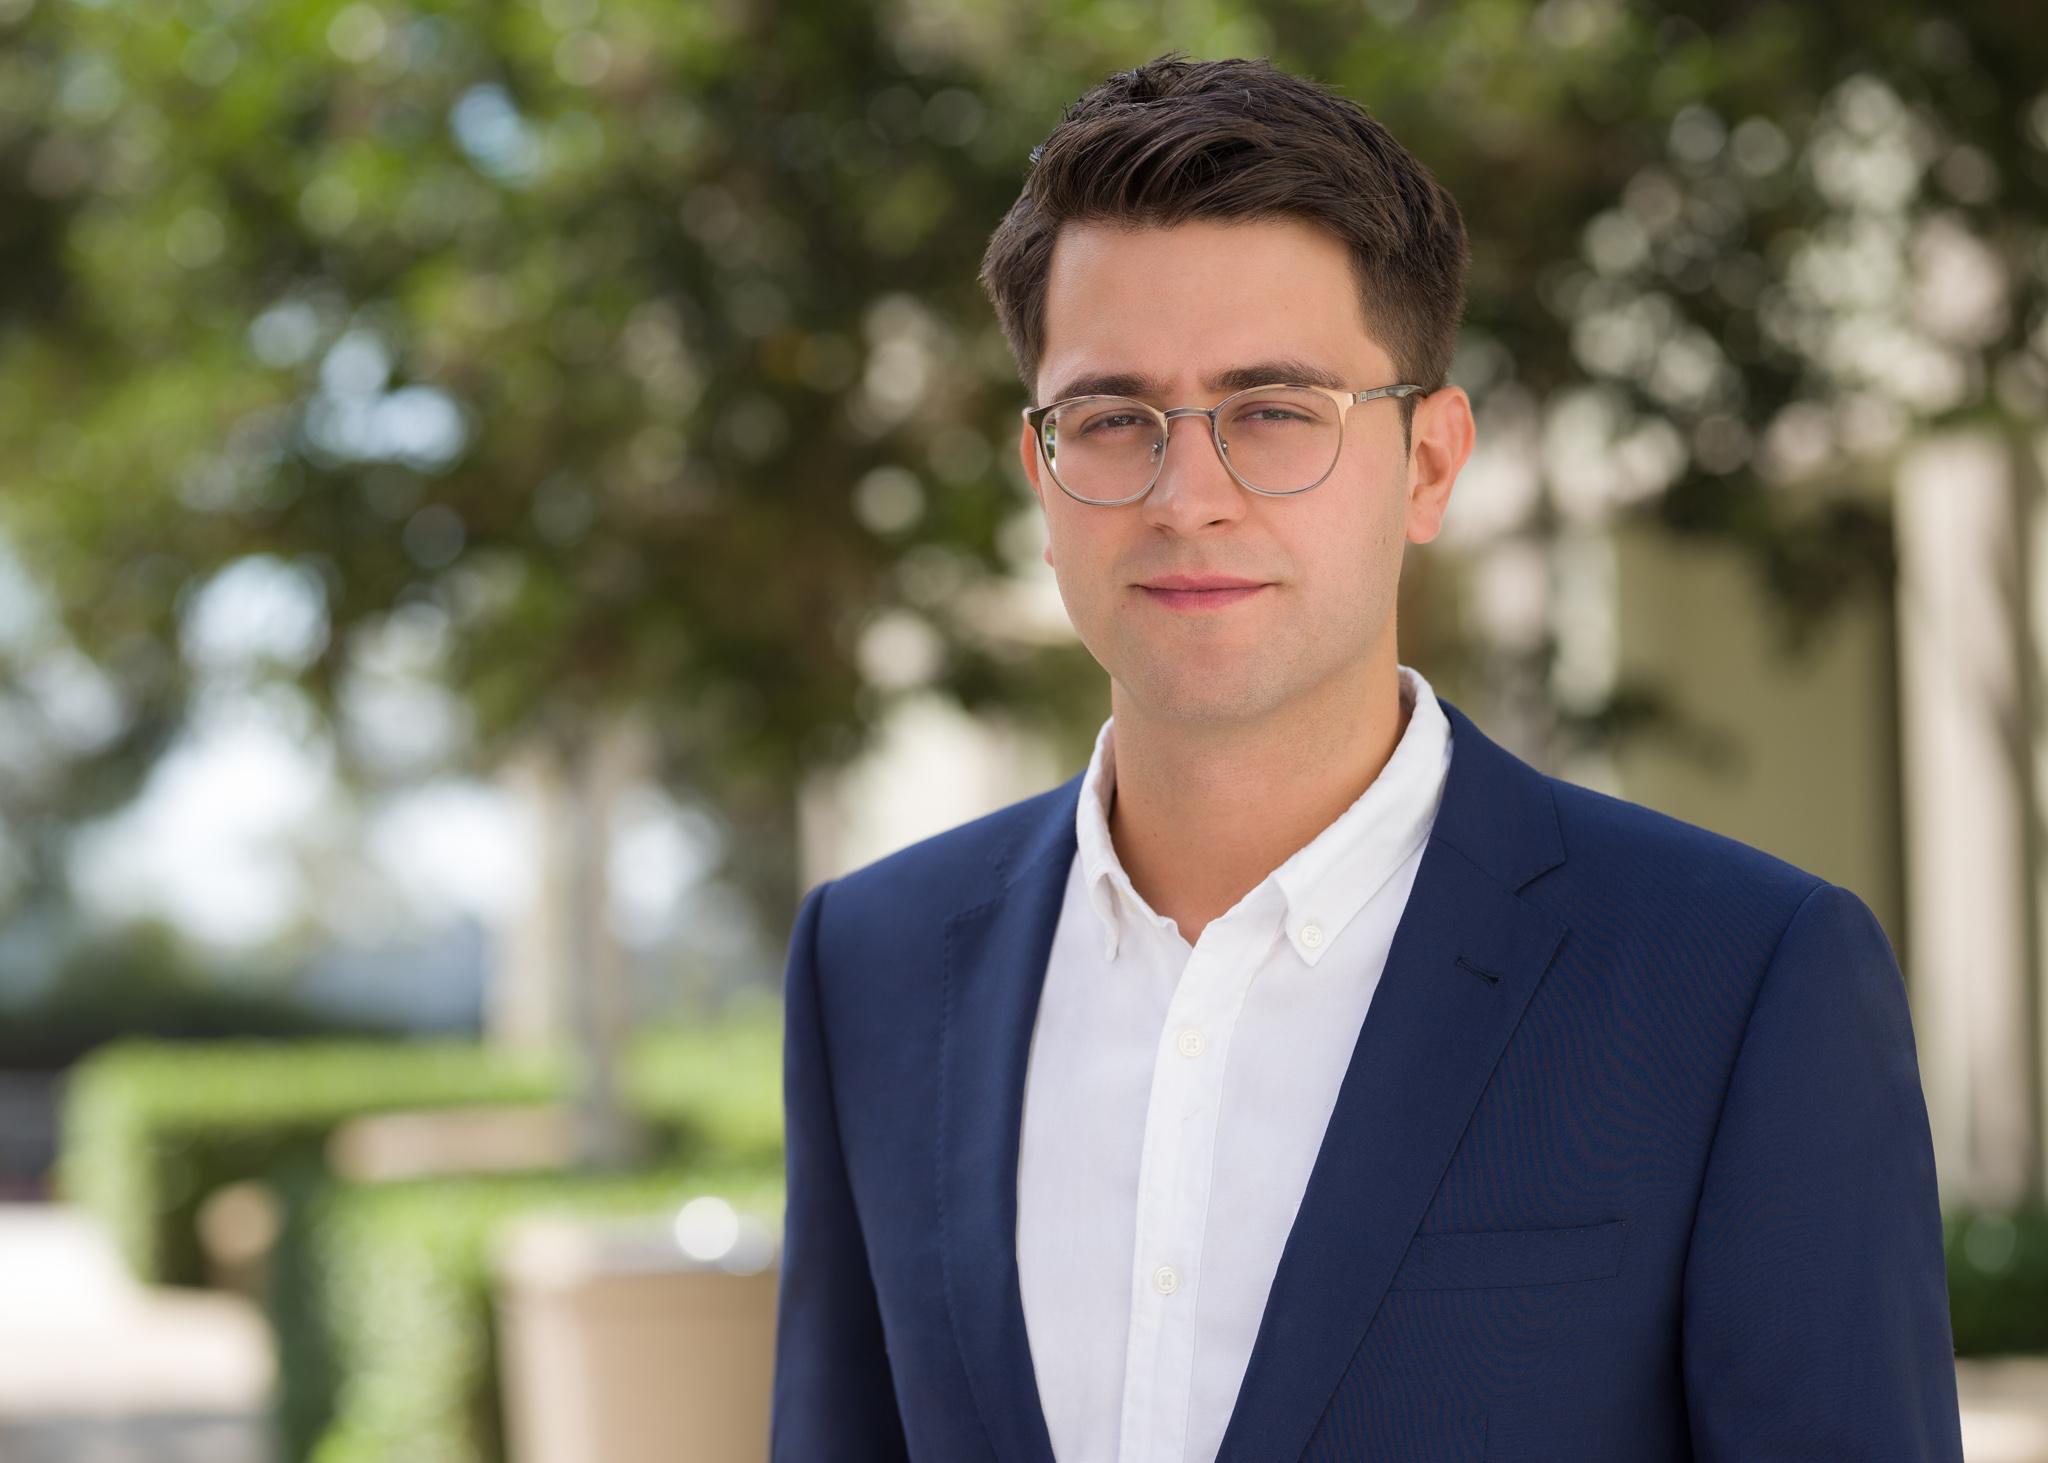 Directory photo of Assistant Professor of Finance Josh Della Vedova